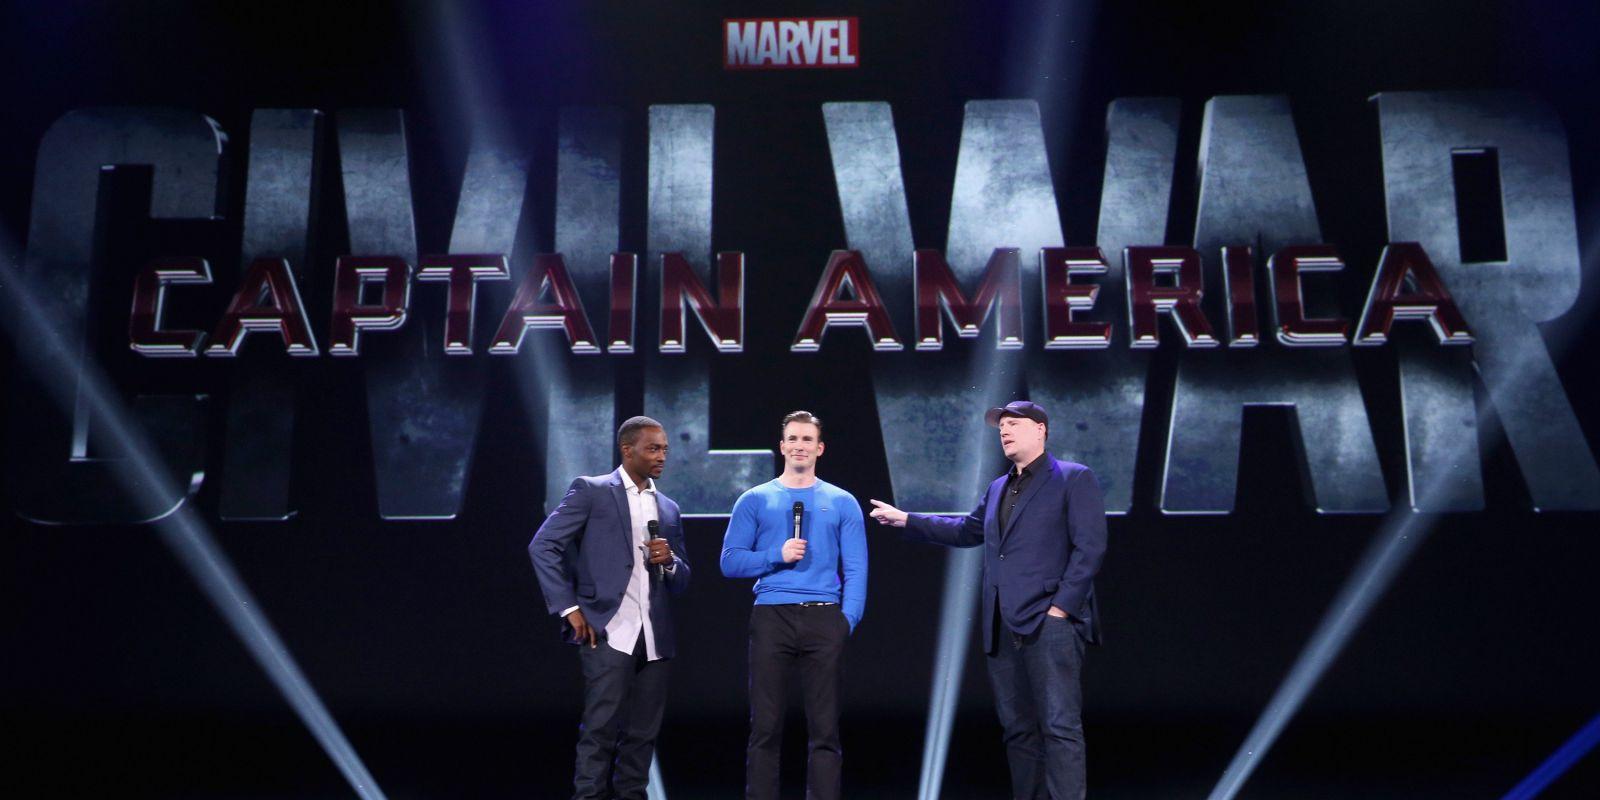 2016-й станет годом войны супергероев не только в мире студии DС Comics, но и во вселенной Marvel. К